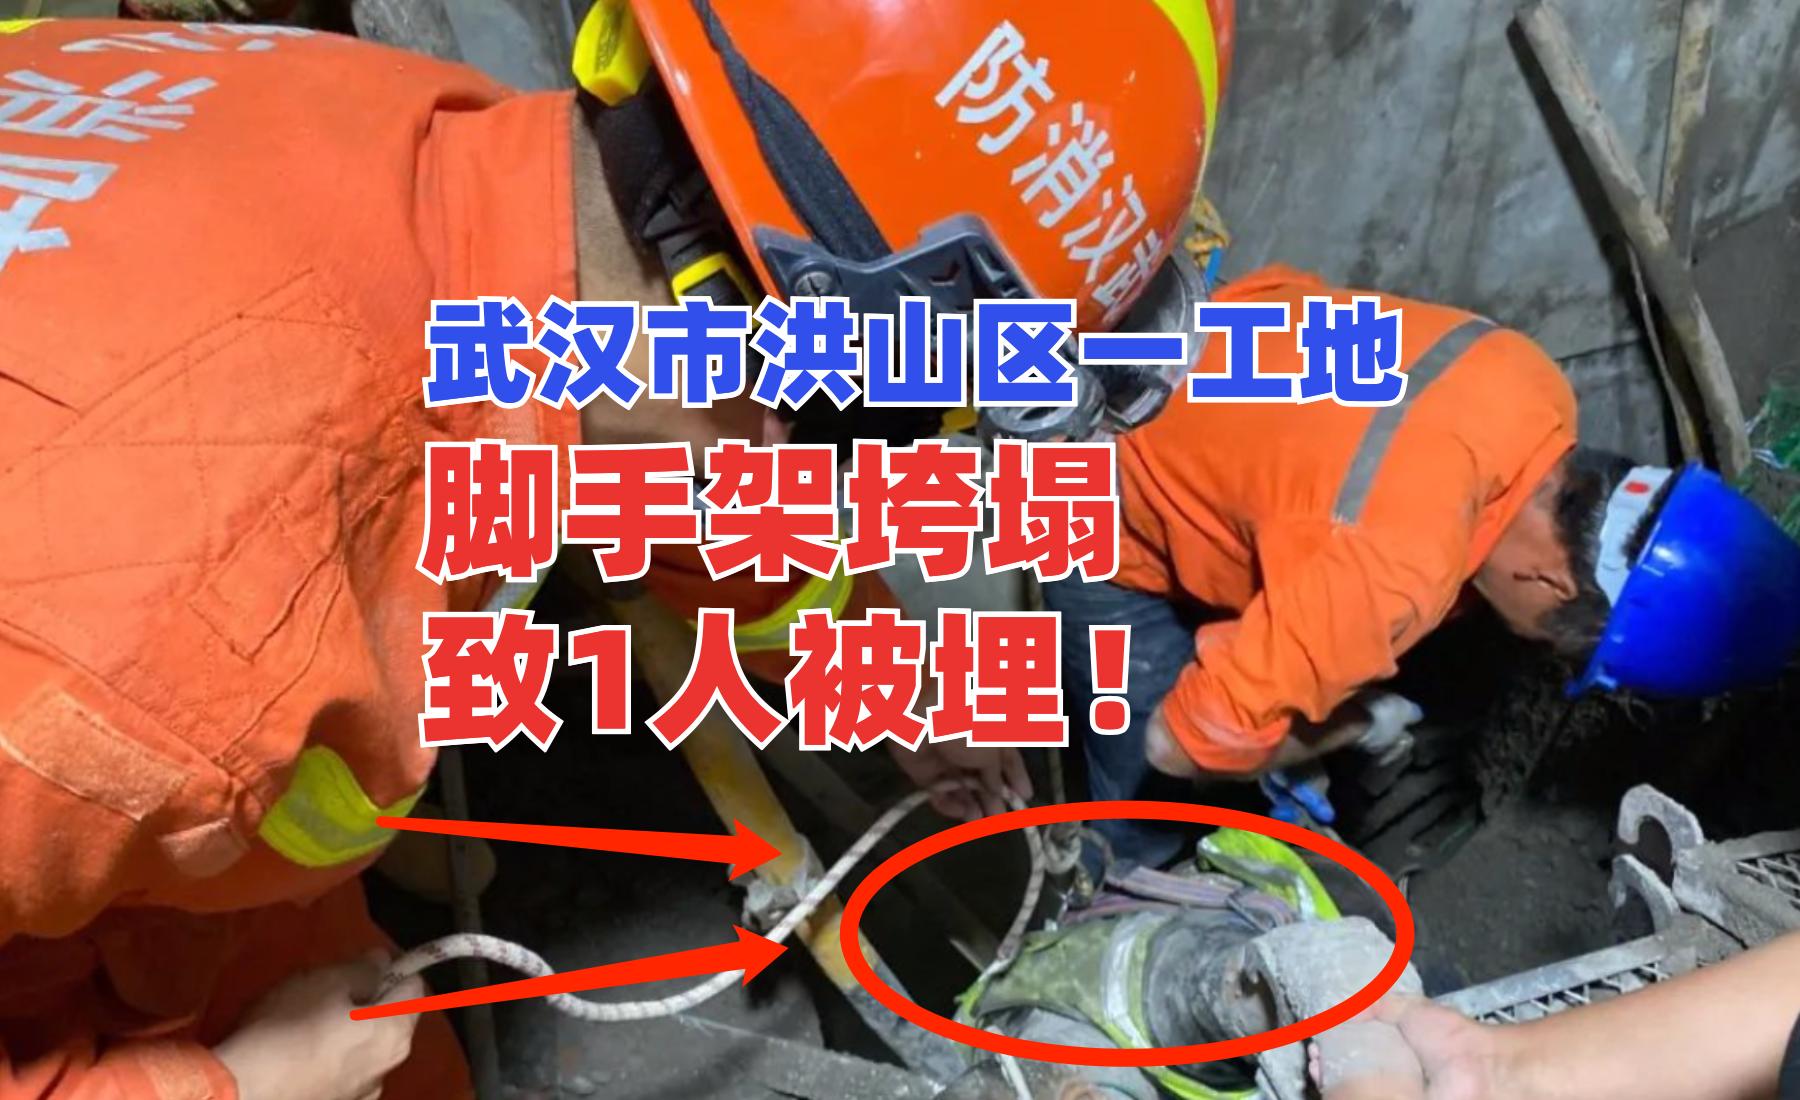 1人被埋!5月30武汉市洪山区一在建工地脚手架突发垮塌一片混乱